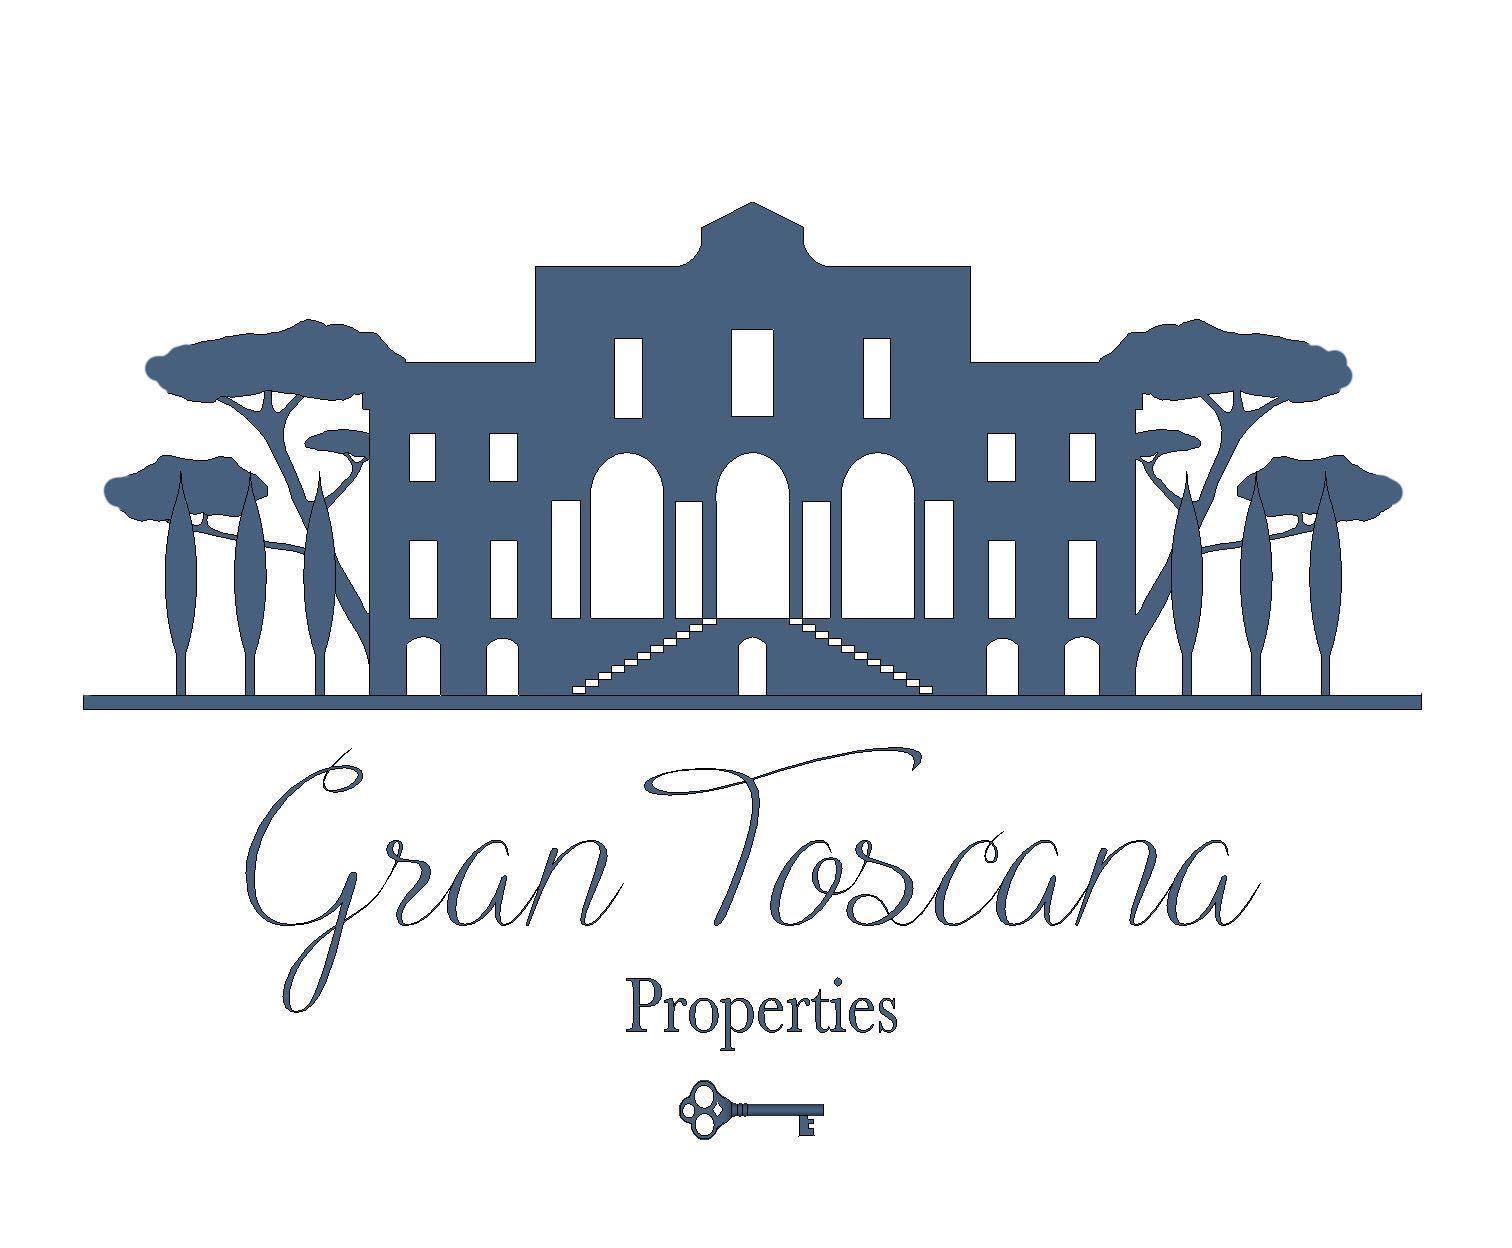 GRAN TOSCANA PROPERTIES